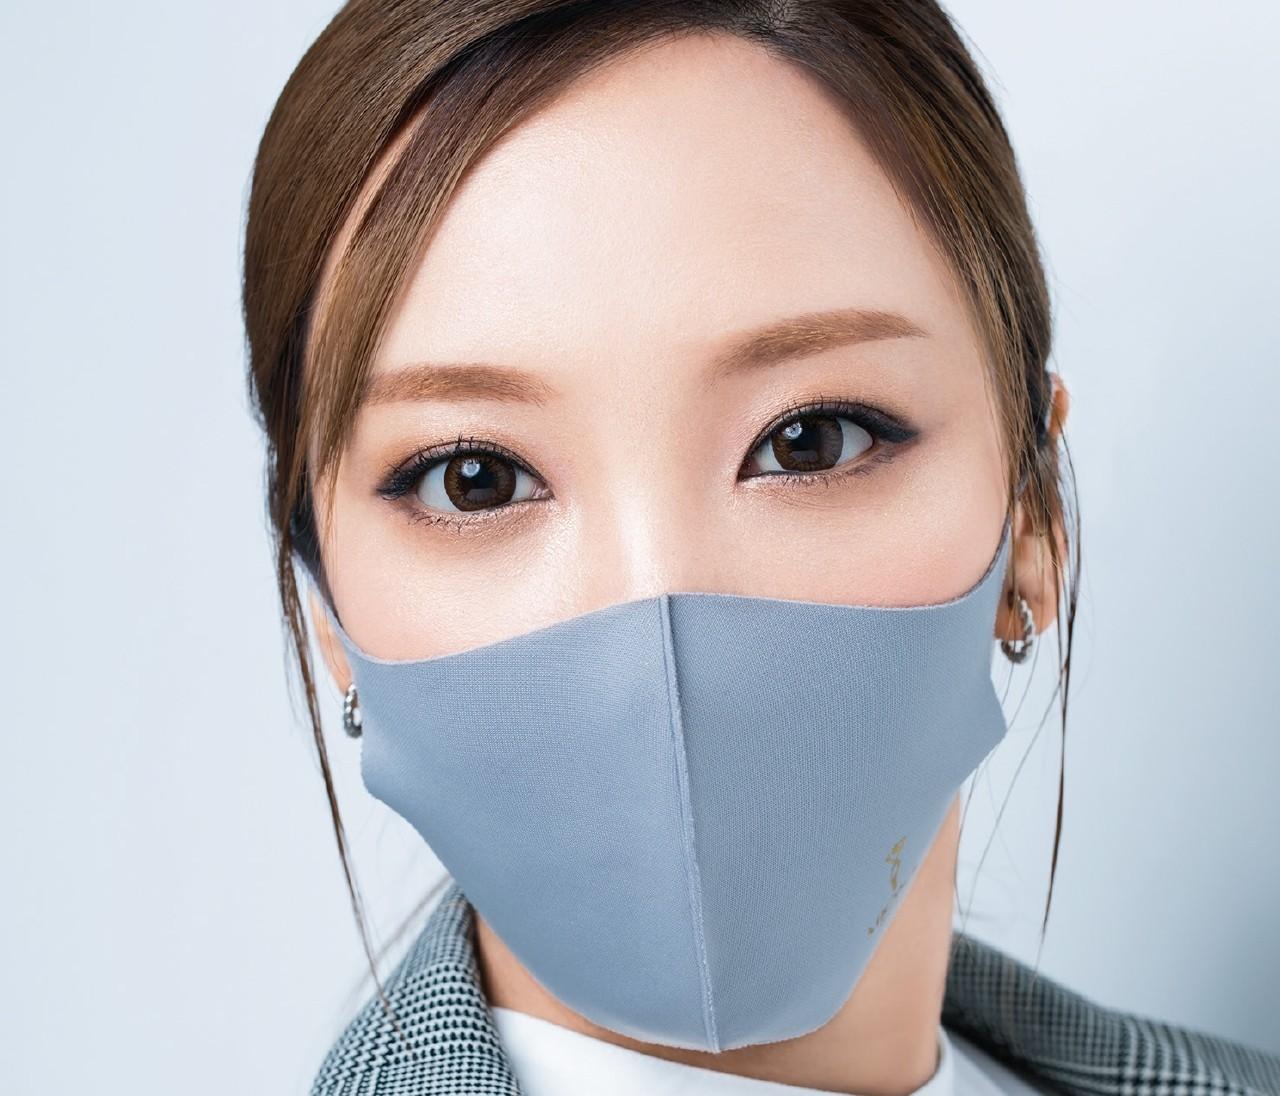 30代のマスクメイク、フィット系×美人見えならこれが正解!【ざわちんのマスク別アイメイクがすごい1】